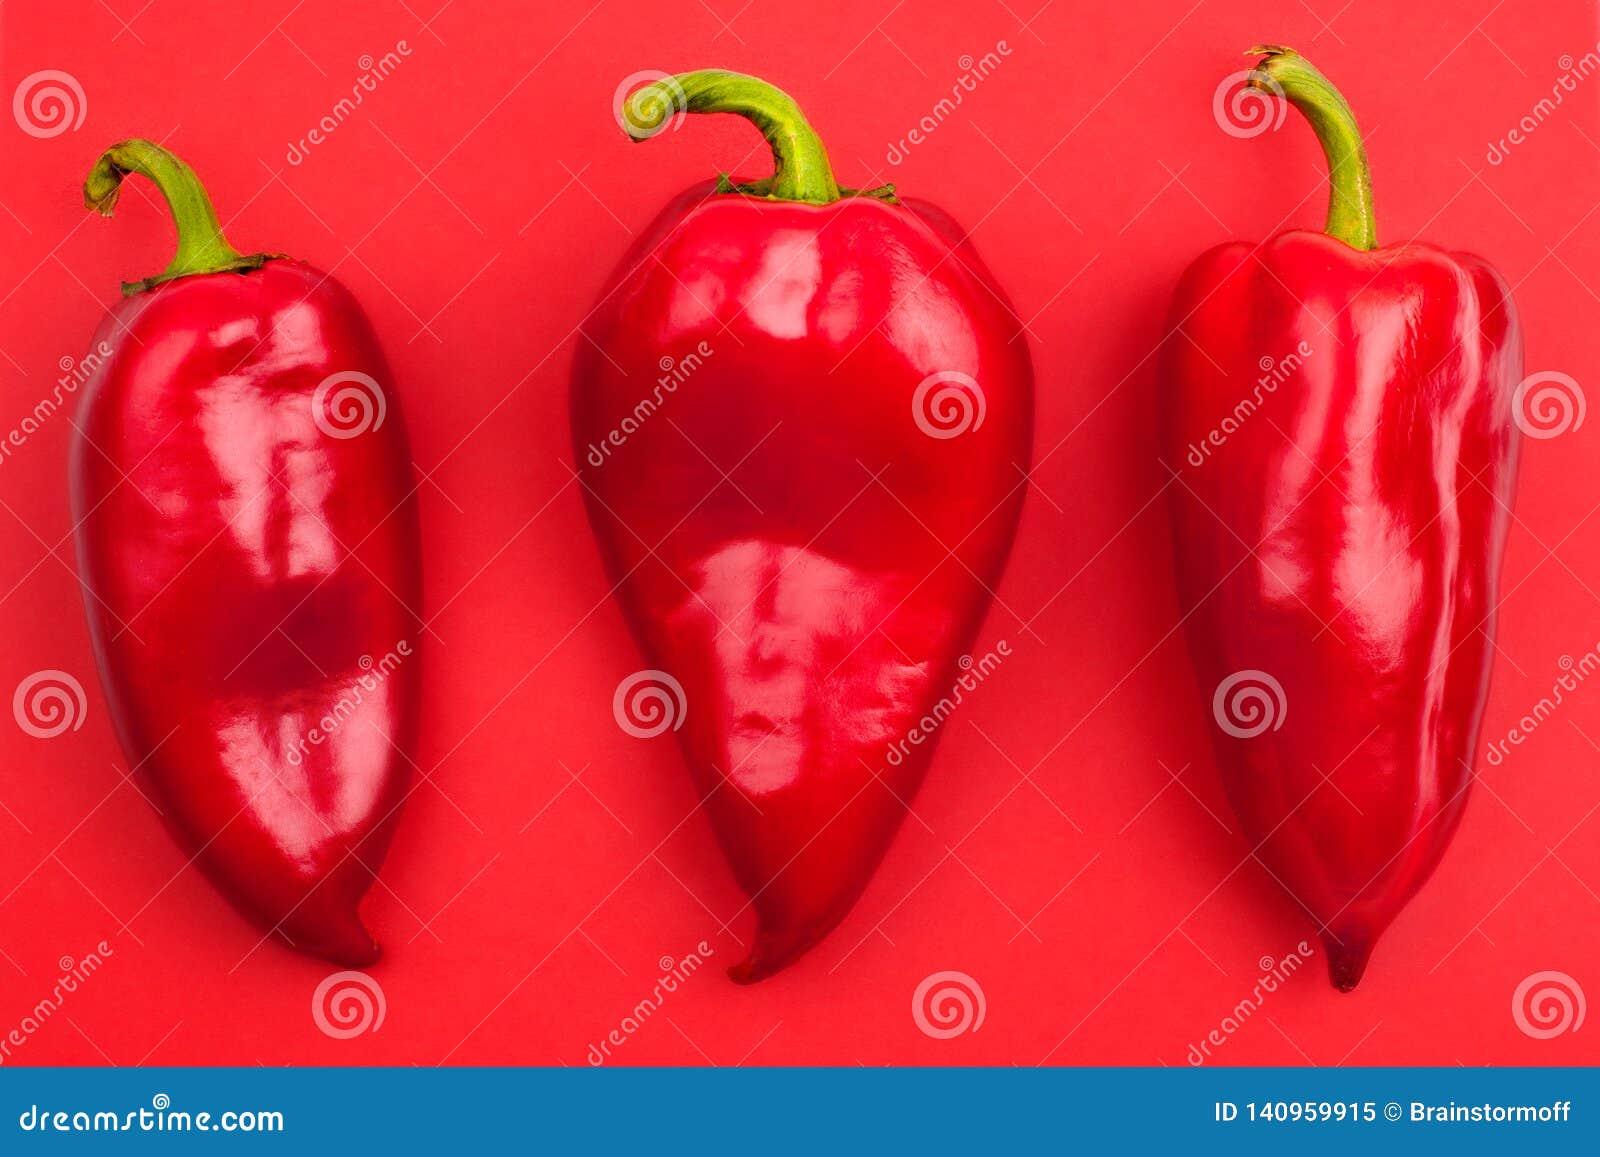 Τρία φωτεινά μεγάλα κόκκινα πιπέρια κουδουνιών με οι ουρές στην κόκκινη κινηματογράφηση σε πρώτο πλάνο άποψης υποβάθρου τοπ